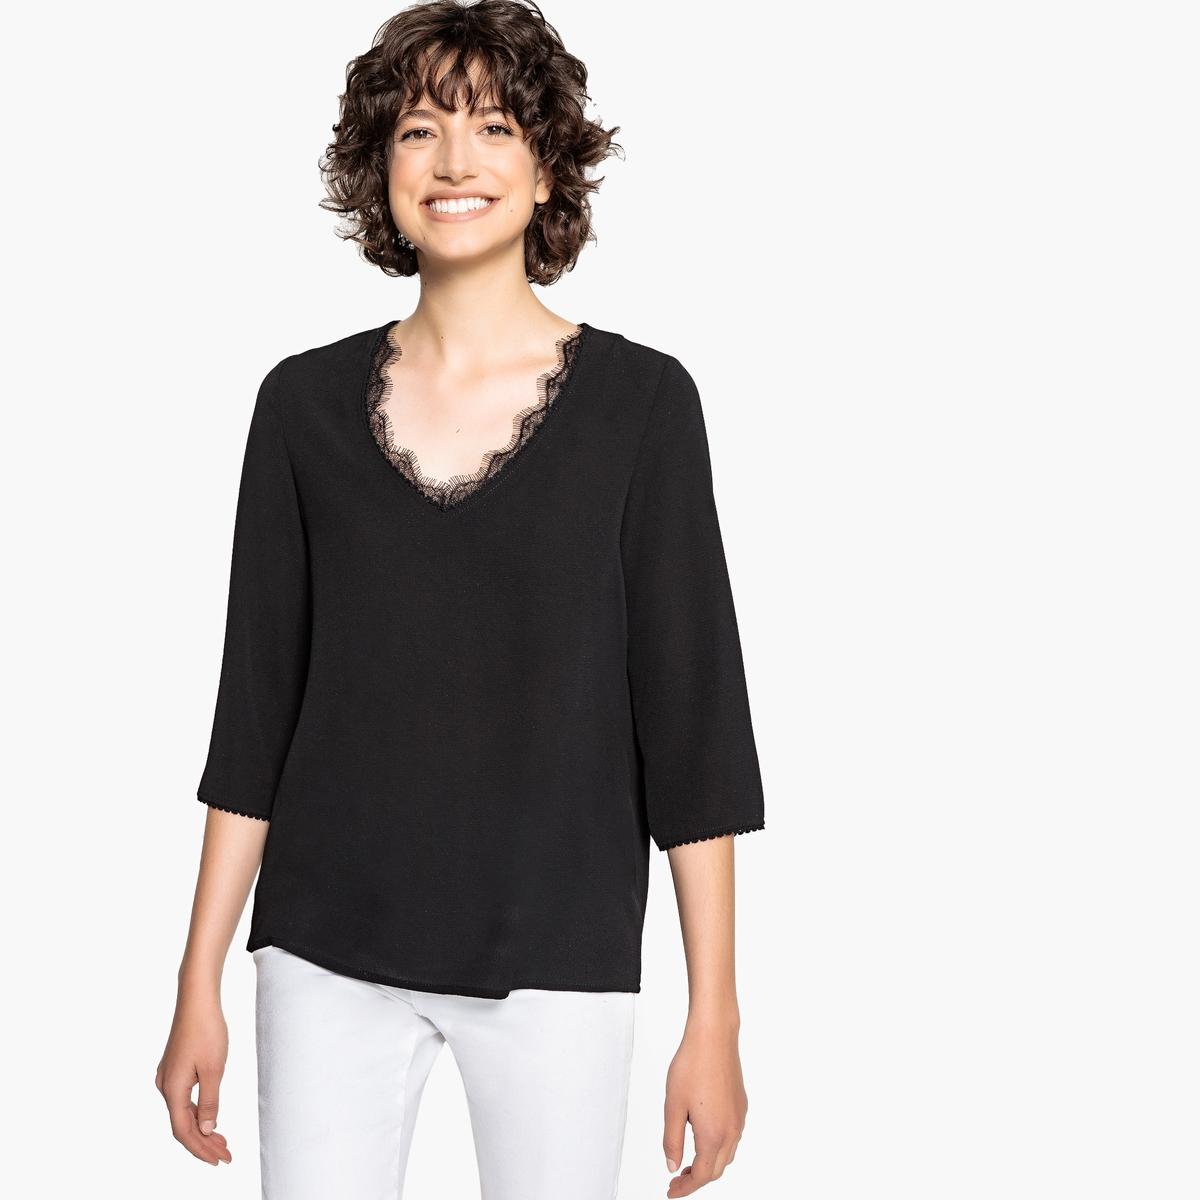 Блузка с V-образным вырезом из кружева и рукавами 3/4 блузка с квадратным вырезом со вставкой из кружева